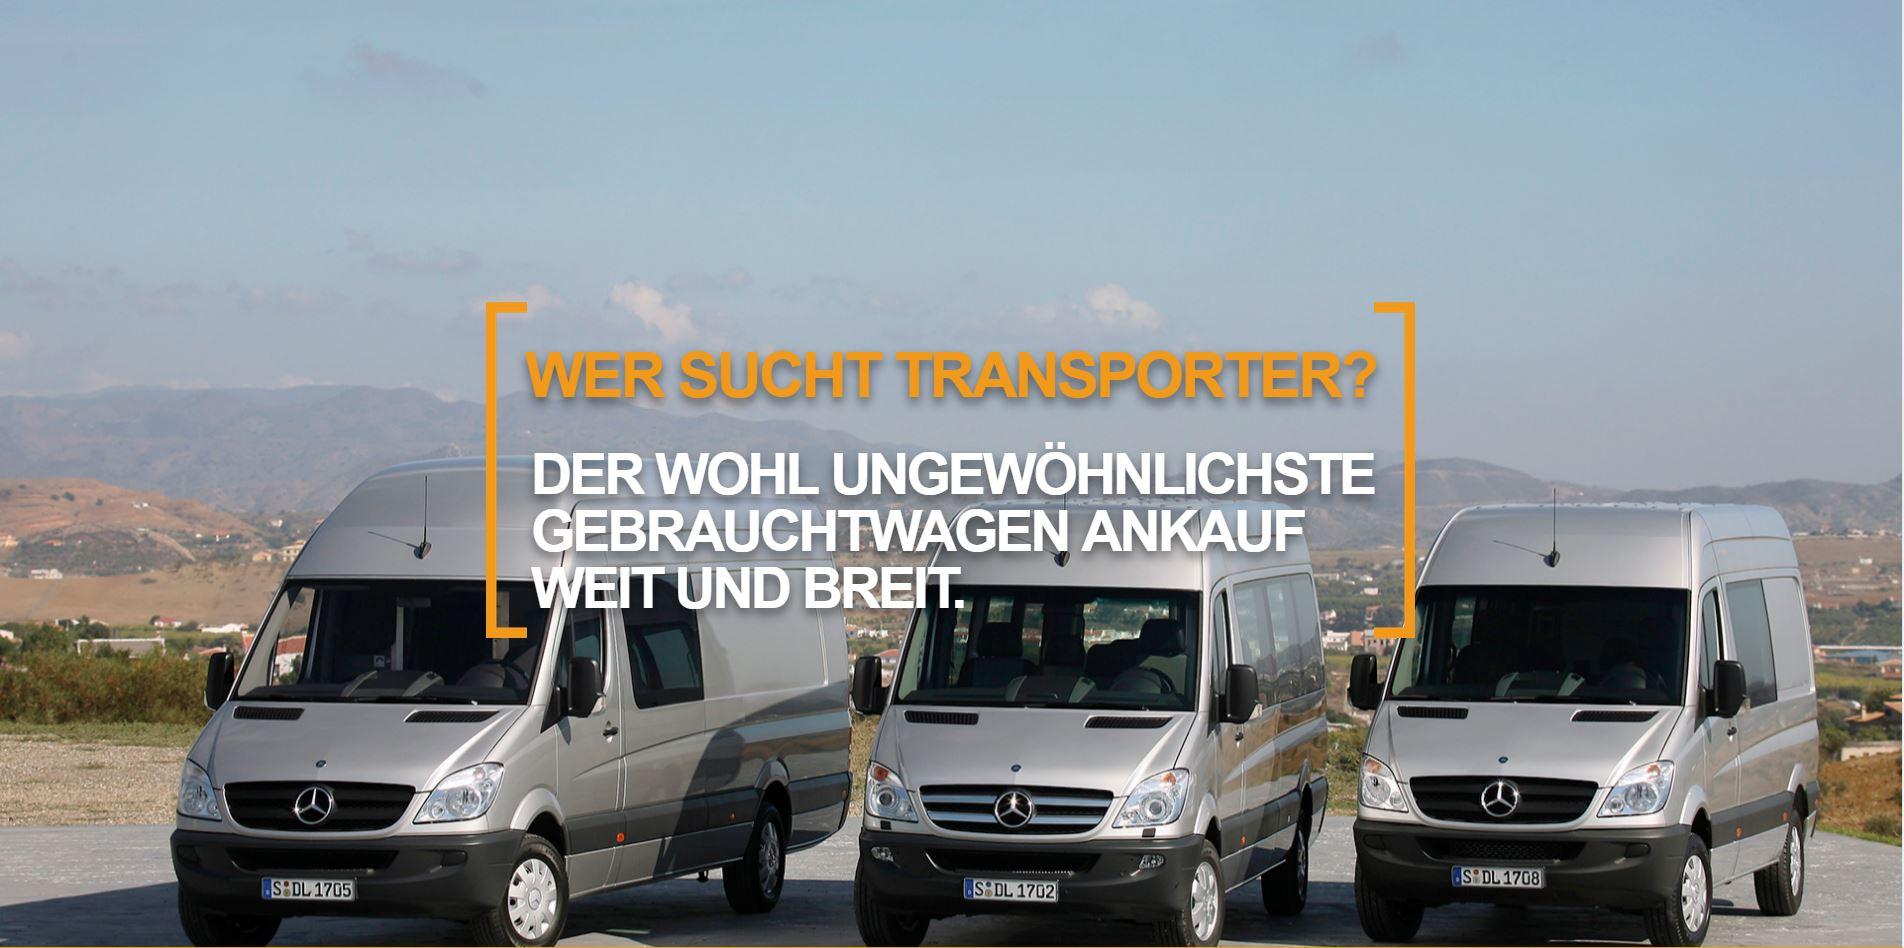 Wer sucht transporter